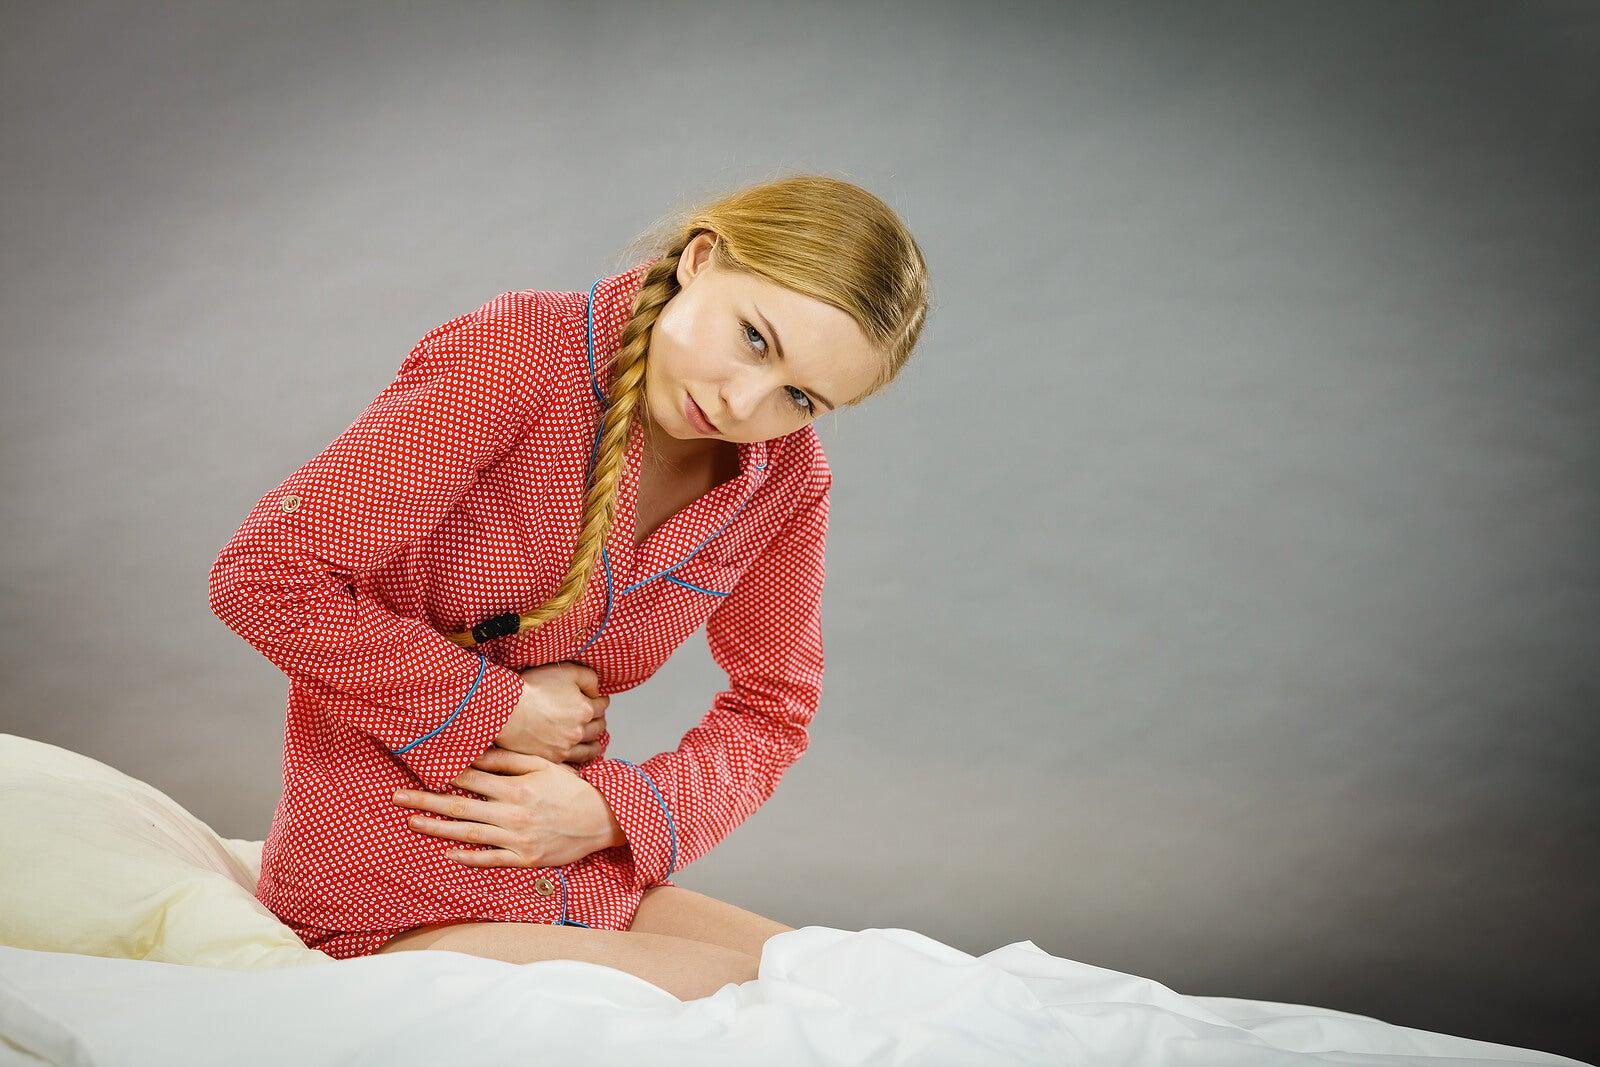 Adolescente con dolores menstruales.